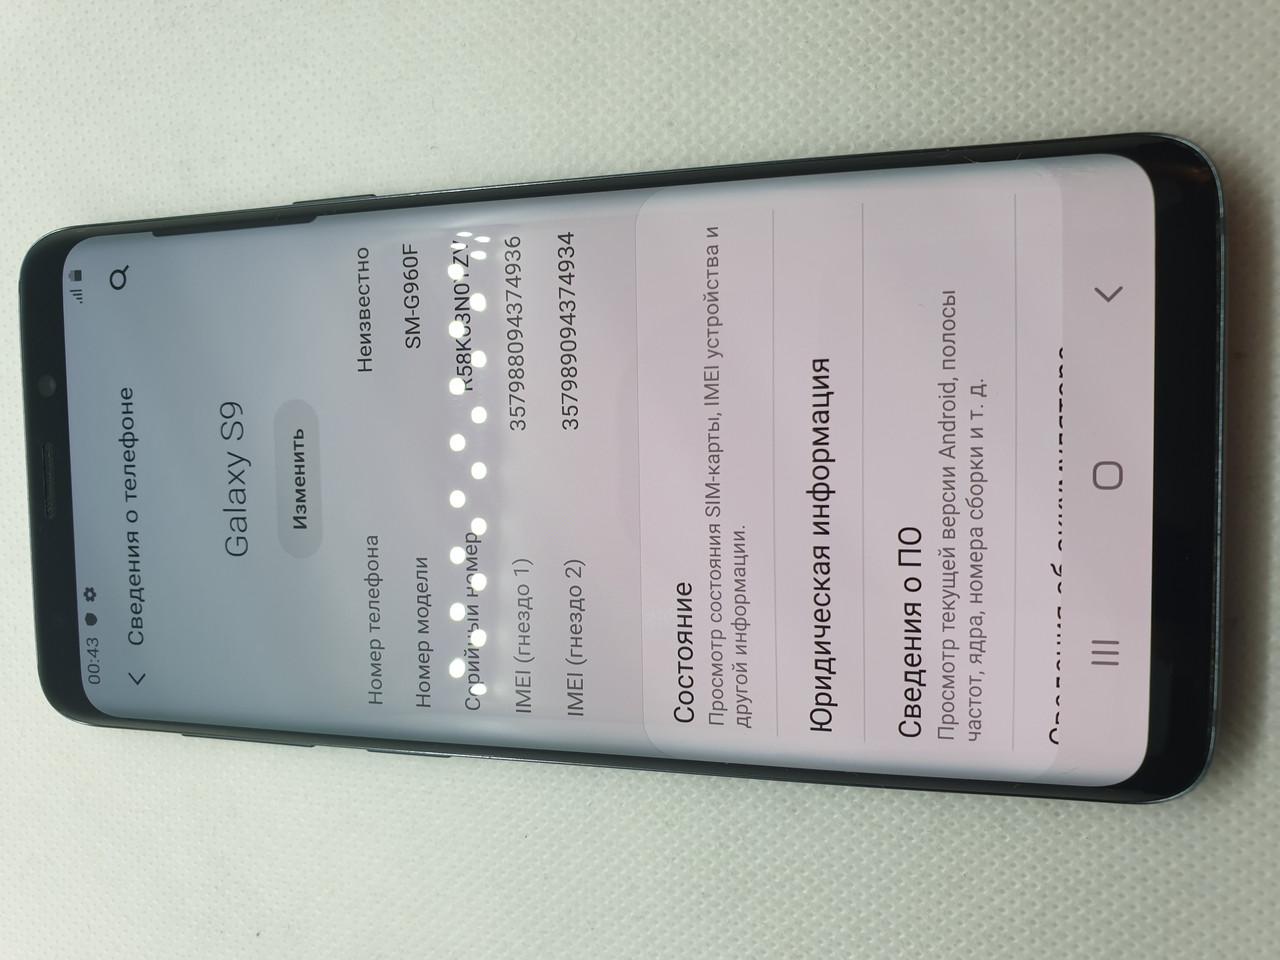 Смратфон б.у Samsung G960 S9 4/64 duos 540ВР